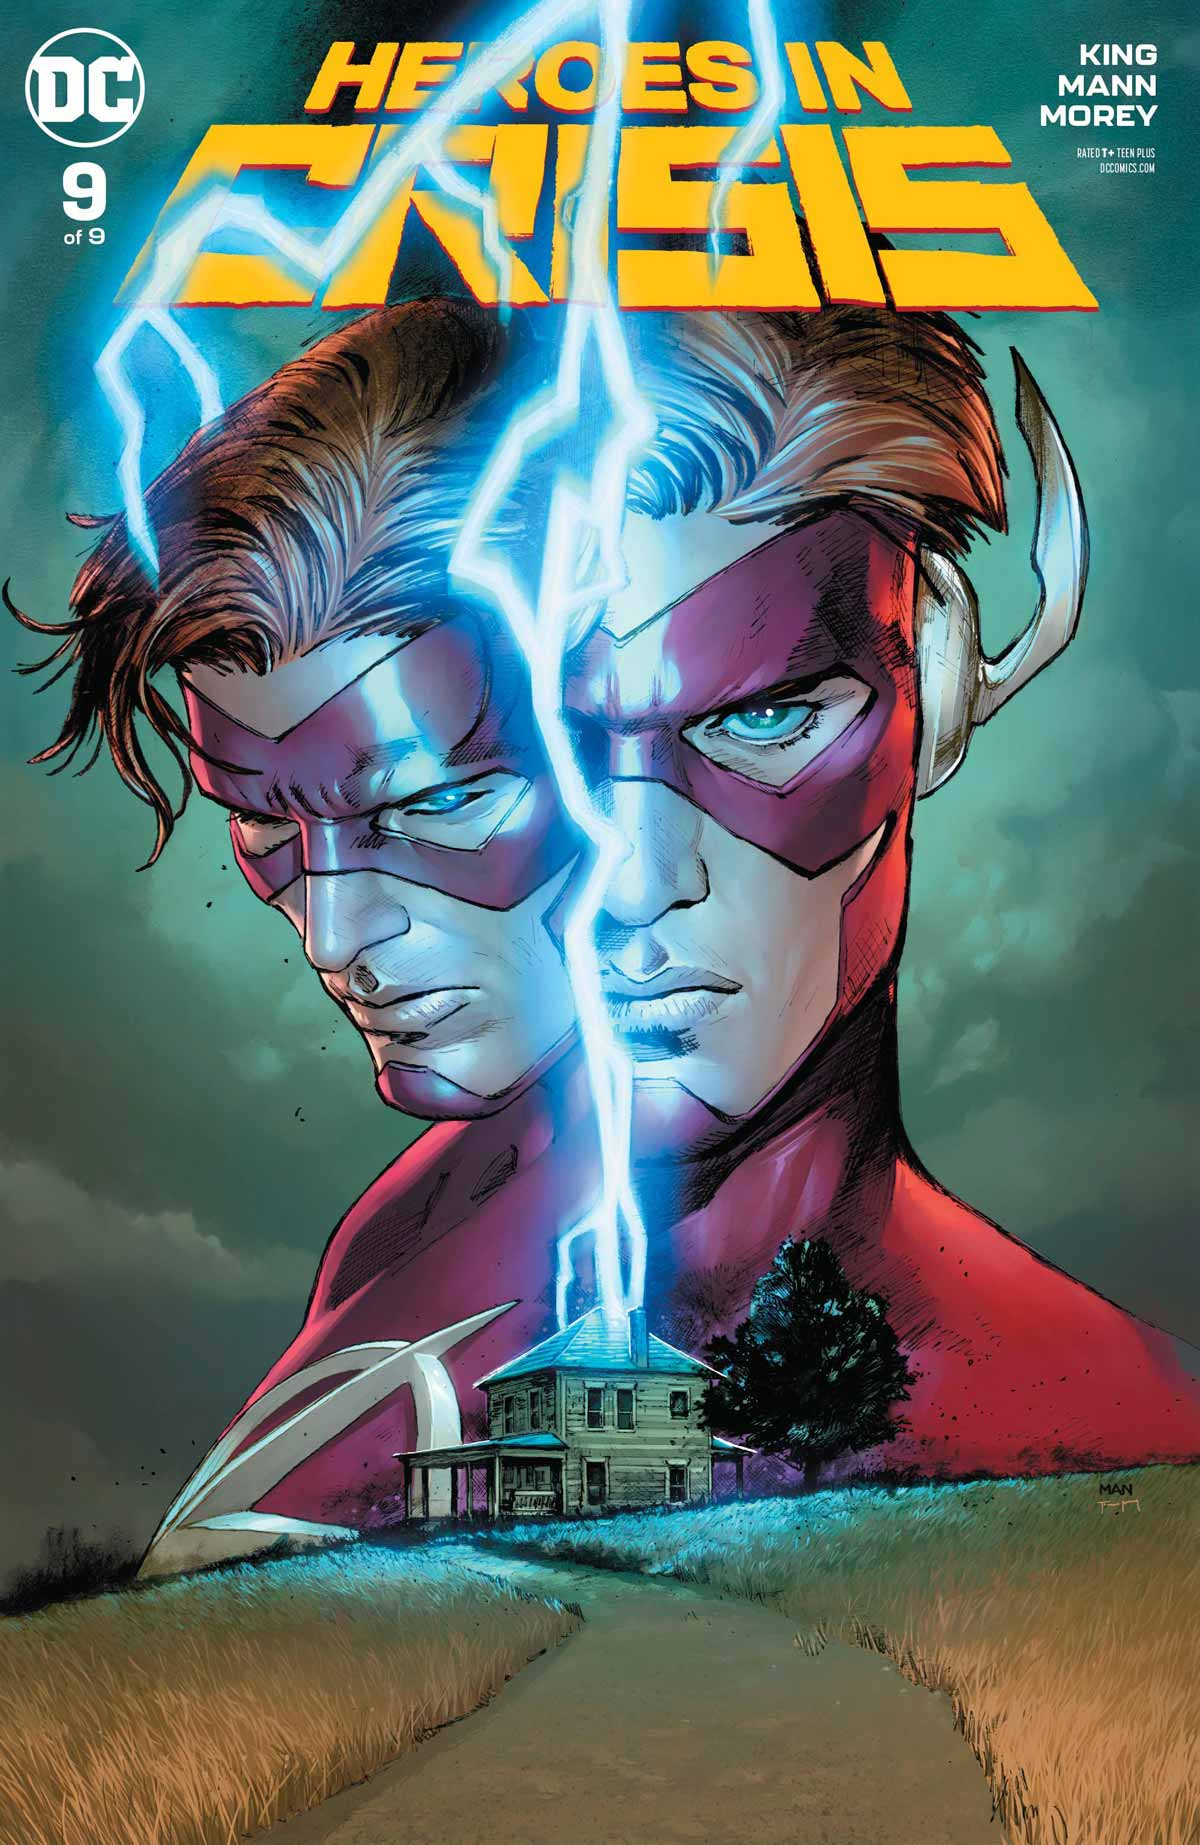 Portada de Héroes en crisis Nº 9 DC Comics